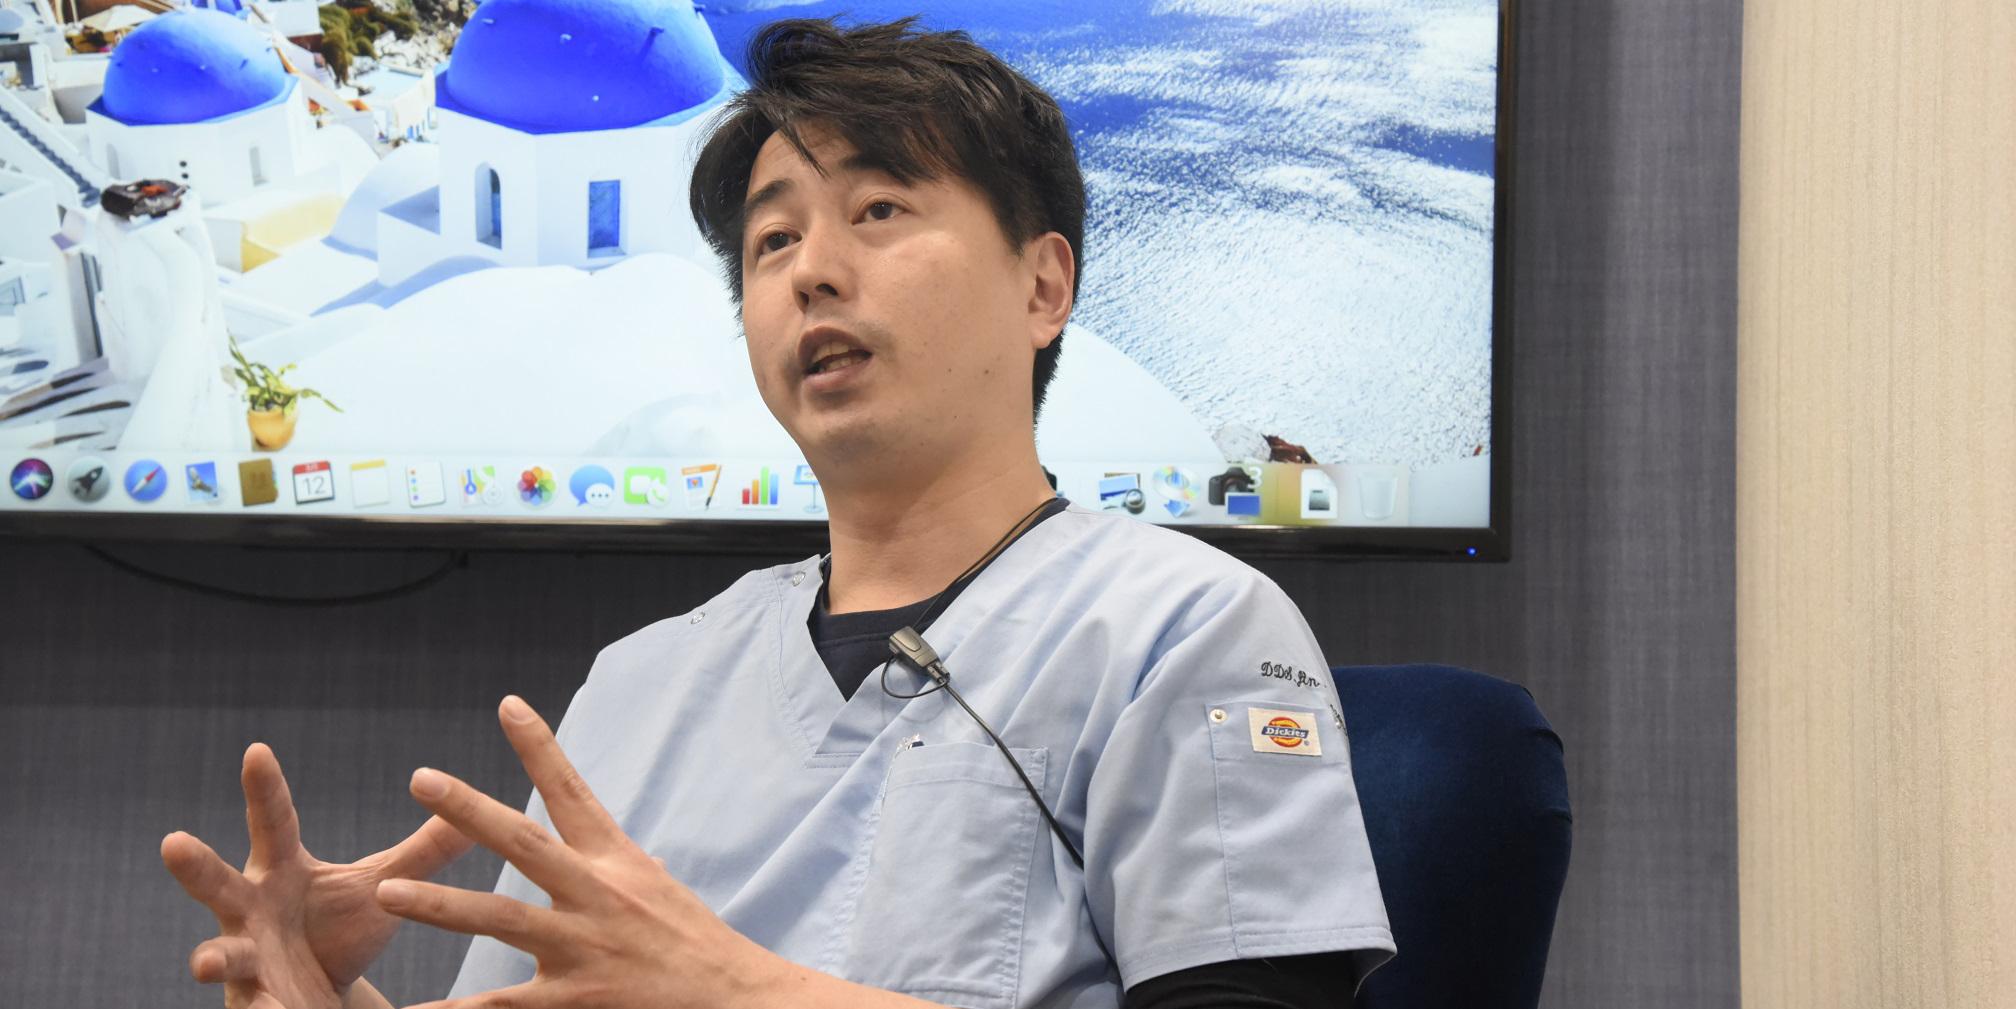 新規開業6か月でホームページSEO検索順位<1位>ロケットスタートができた歯科医院様事例